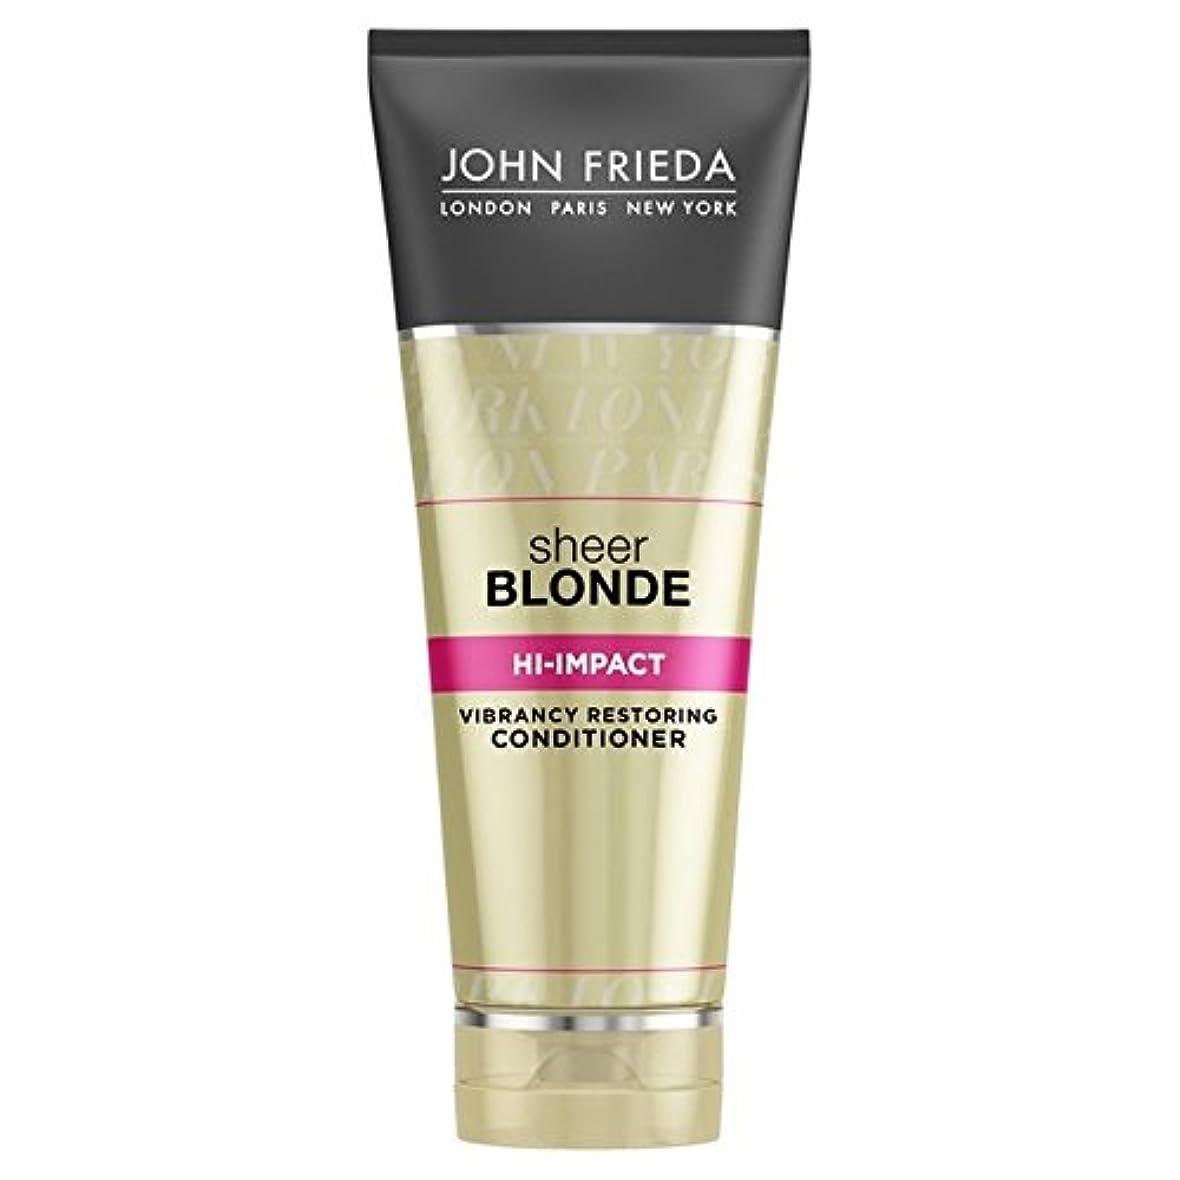 飛行機モジュールボンドジョン?フリーダ膨大なブロンドハイインパクトコンディショナー250 x2 - John Frieda Sheer Blonde Hi Impact Conditioner 250ml (Pack of 2) [並行輸入品]